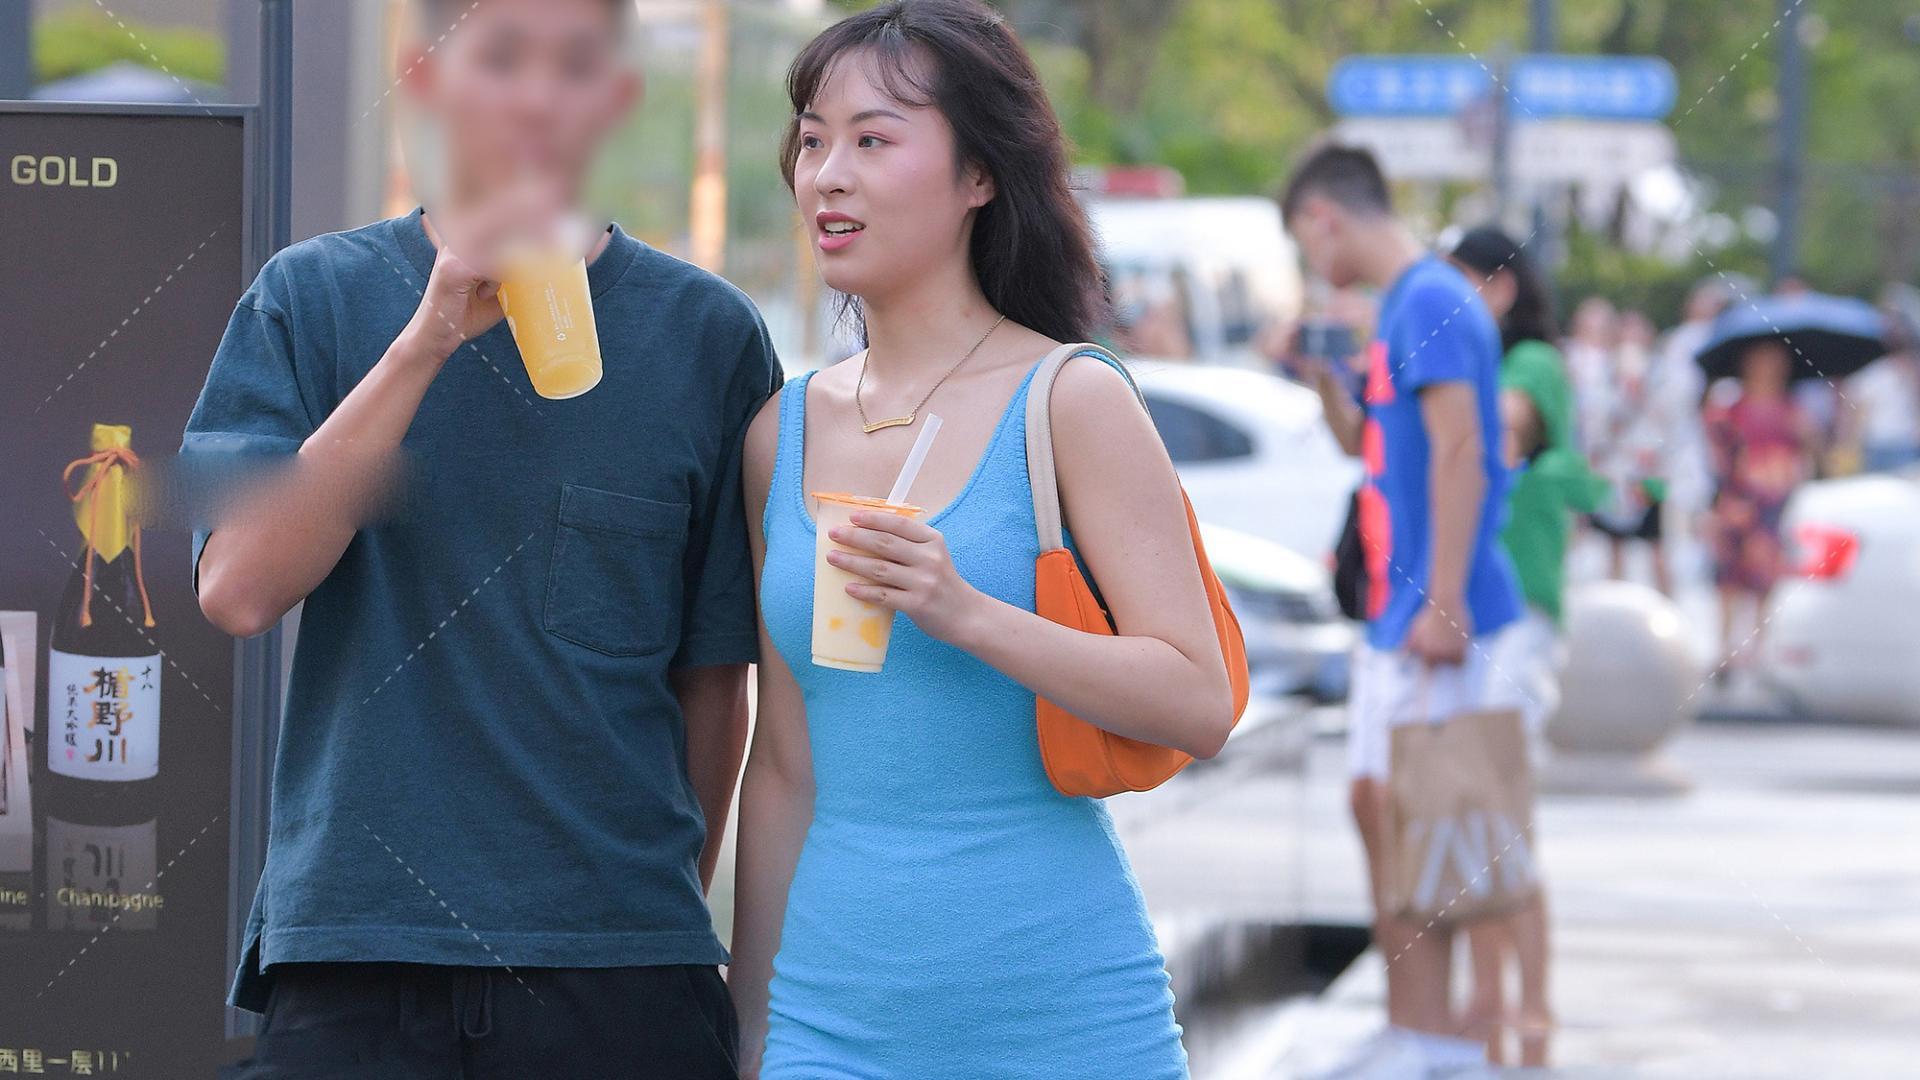 紧身裙才能彰显的独特气质,布鞋里藏着一副长袜,橙色背包太亮眼